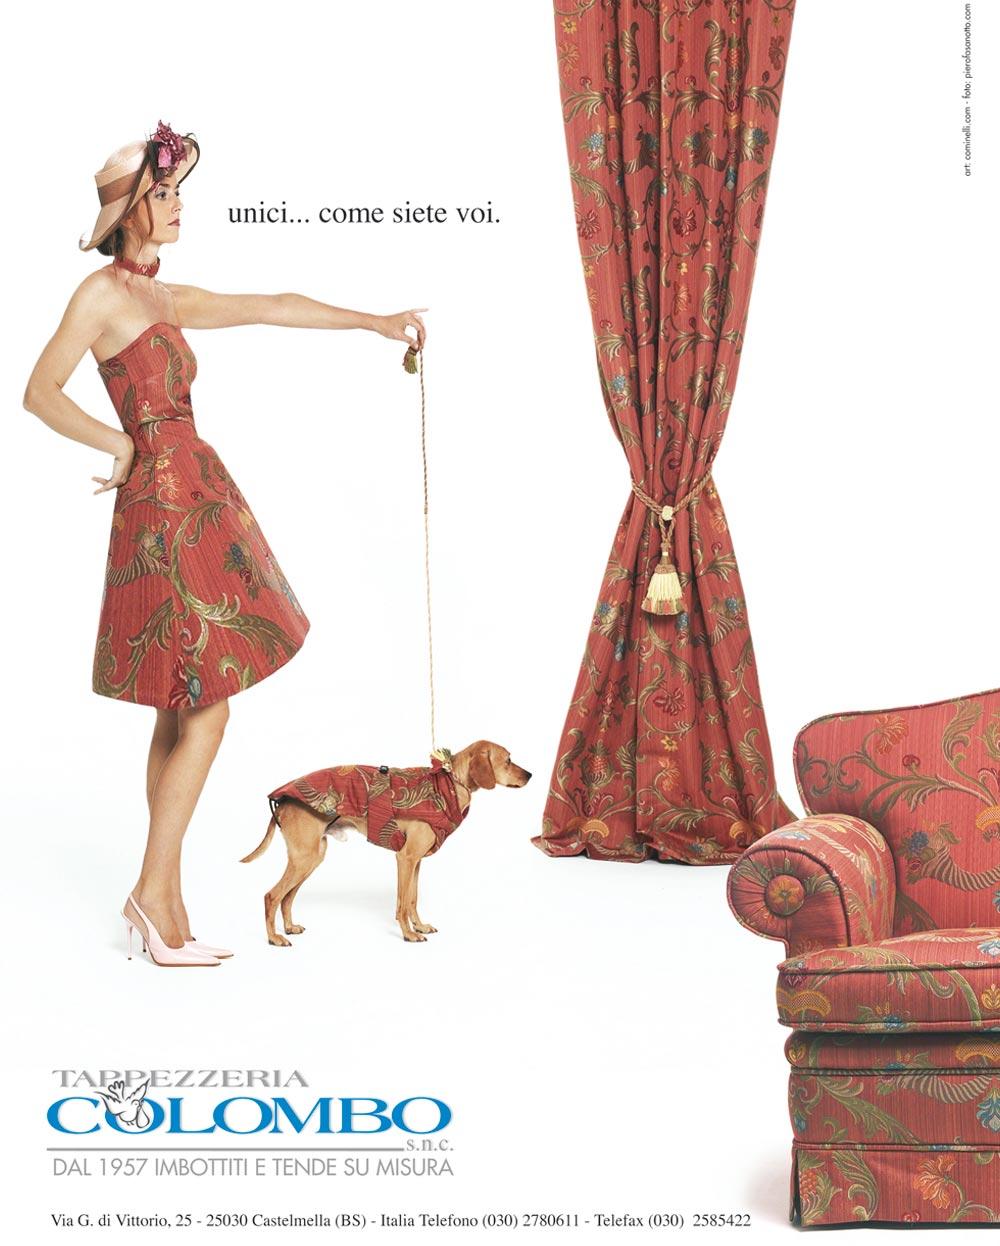 pagina pubblicità colombo-05